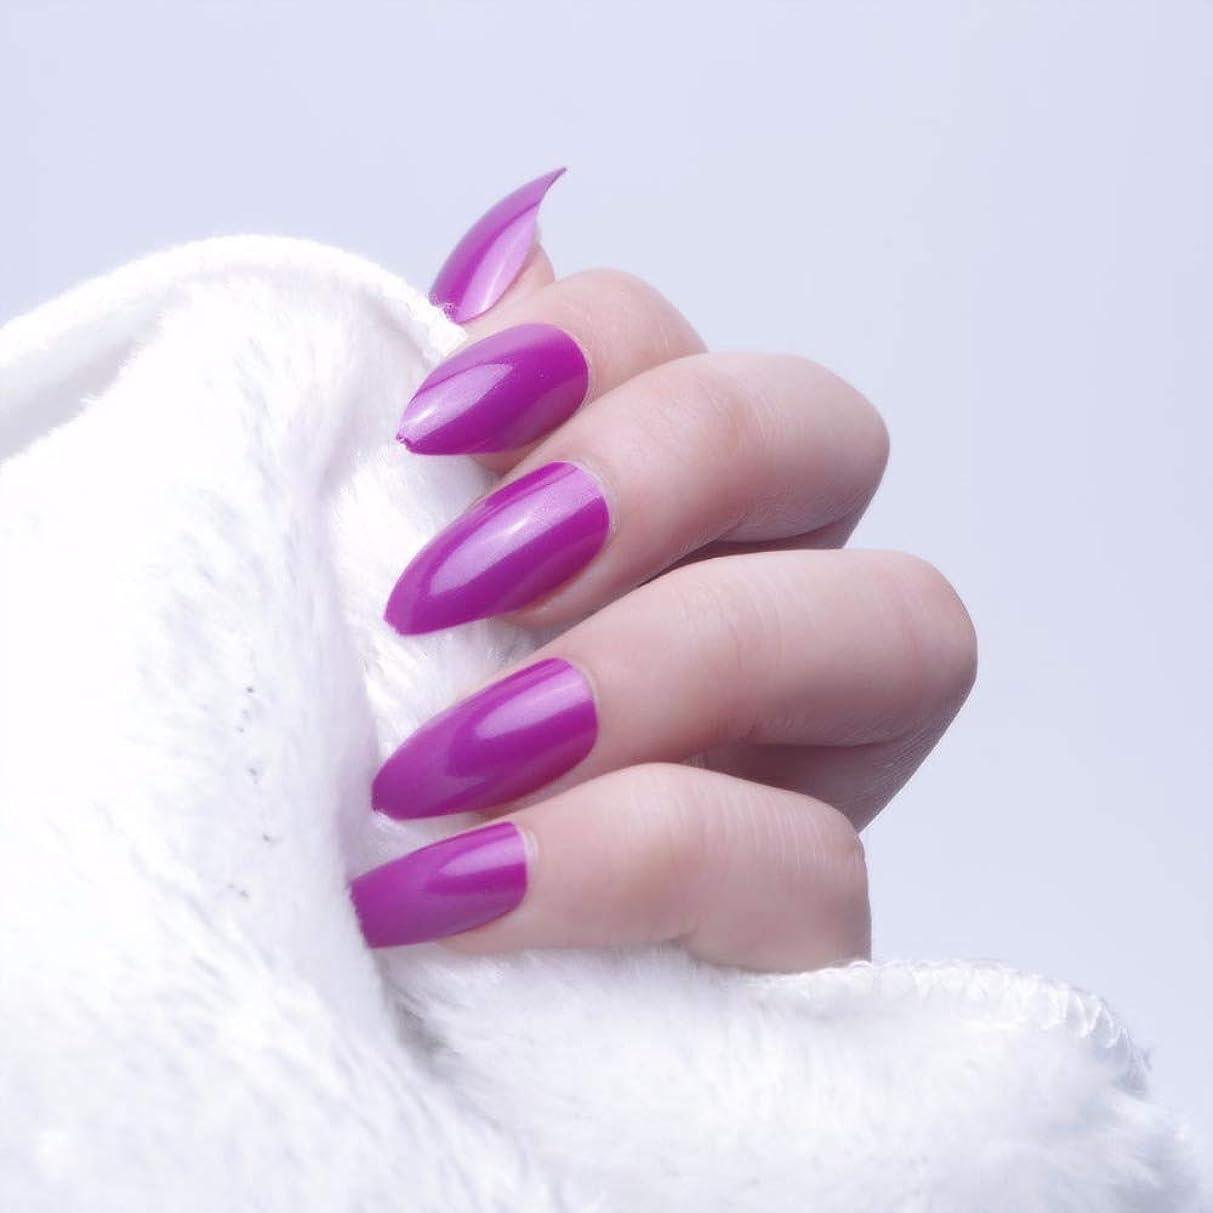 過激派セクタ特権XUTXZKA 24ピースオーバルスティレット偽の爪のヒントフルカバー偽爪ステッカープレスネイル